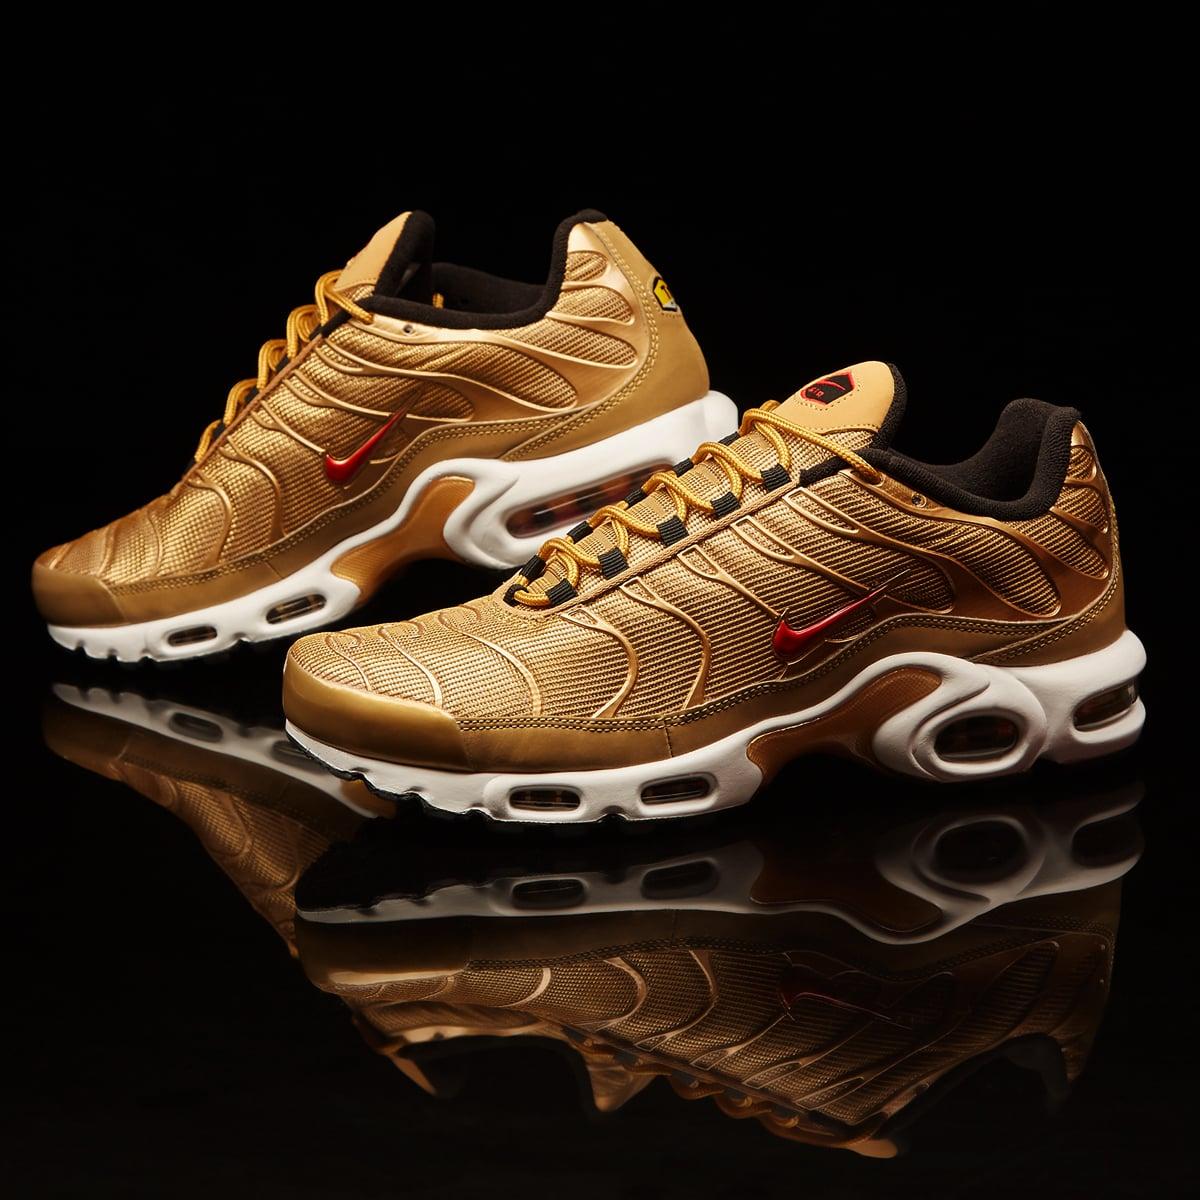 Nike Air Max Plus QS 'Metallic Gold